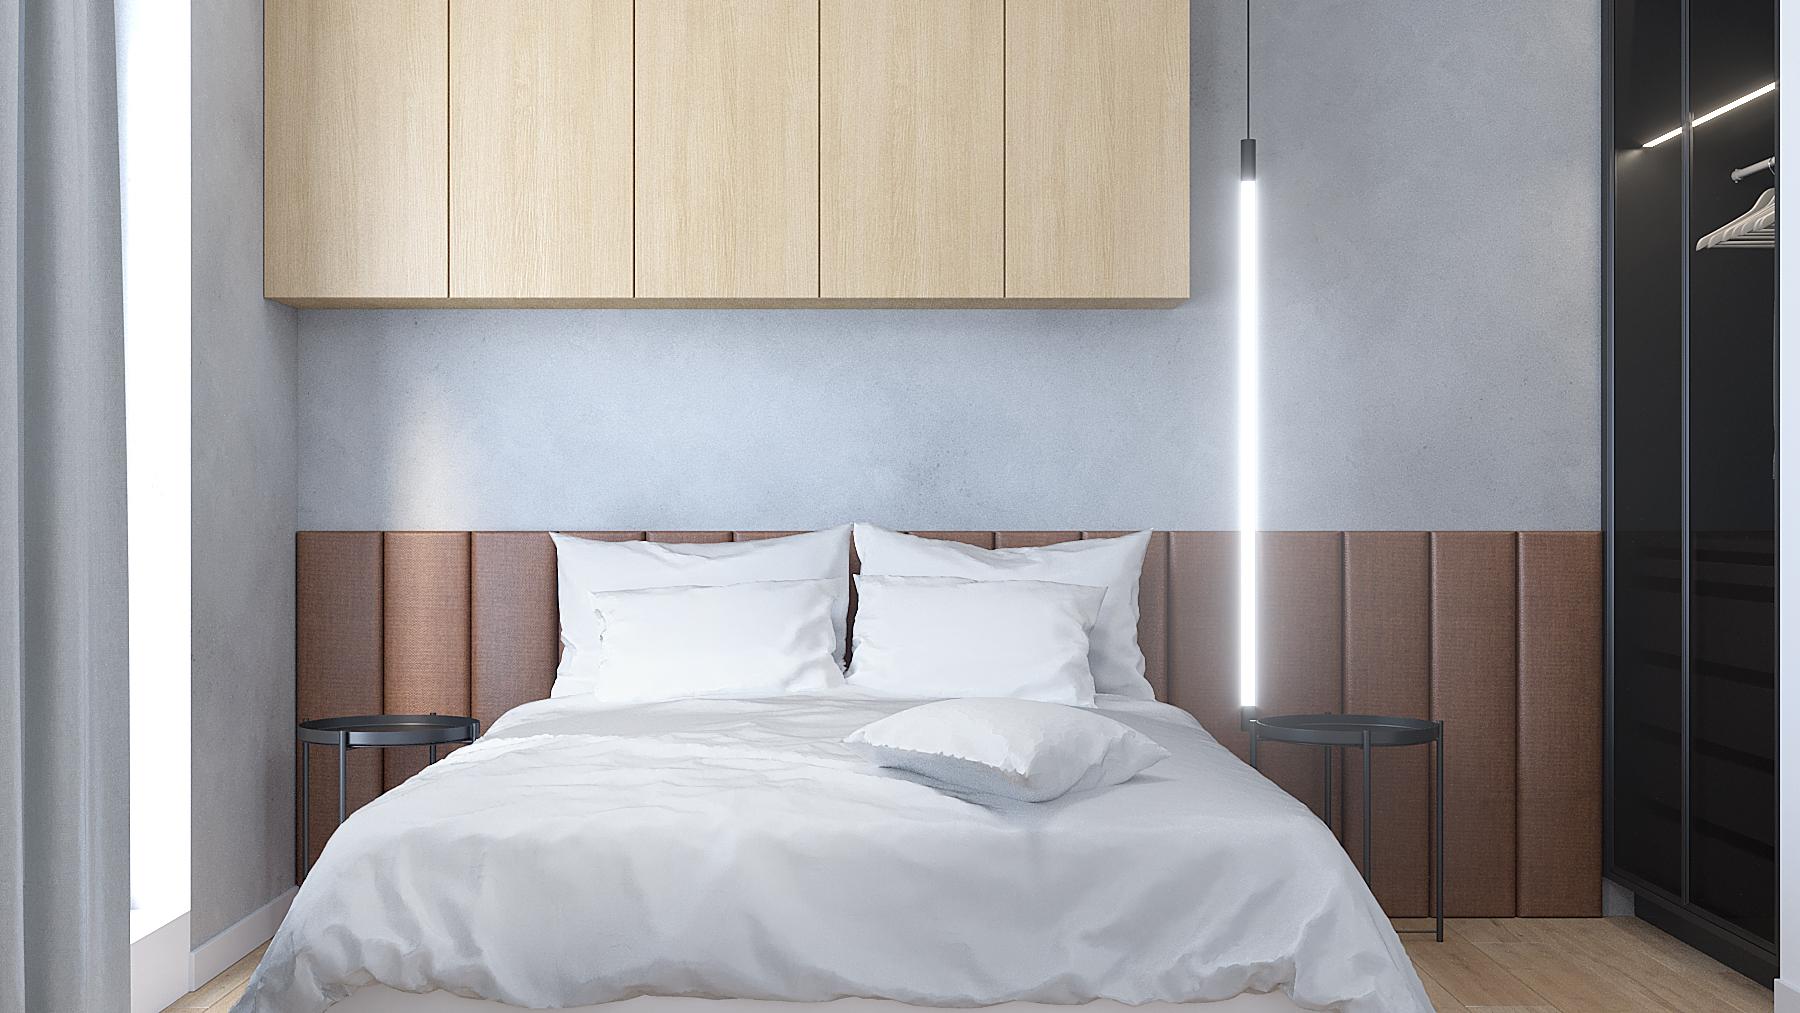 13 aranzacja wnetrz M387 mieszkanie Katowice sypialnia lozko z zaglowkiem wiszaca lampa szafki nad lozkiem beton na scianie